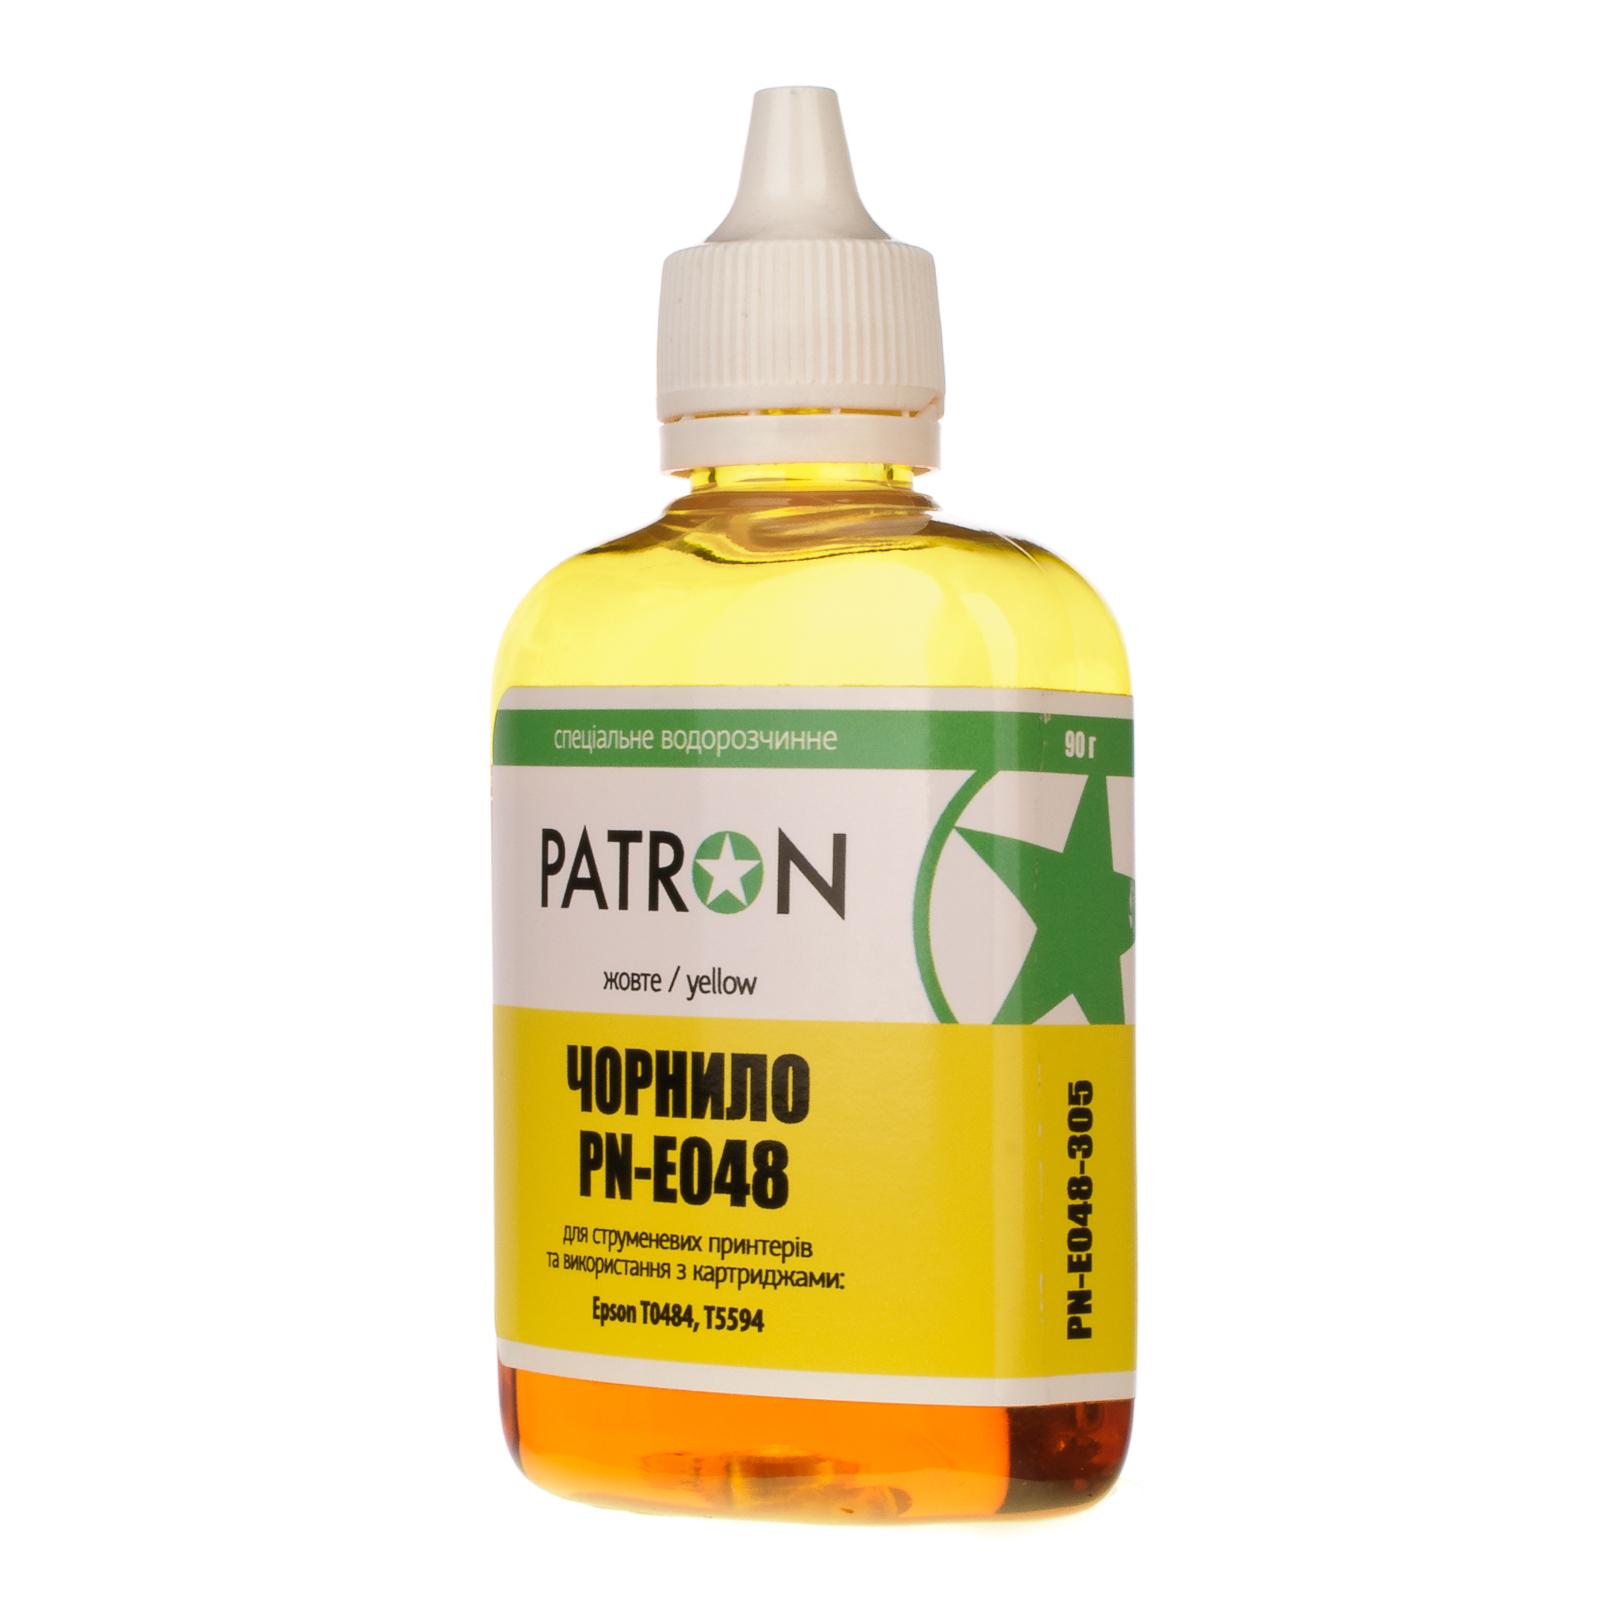 Чернила PATRON EPSON R220/90г YELLOW/T0484/PN-E048-305 (I-PN-ET0484-090-Y)